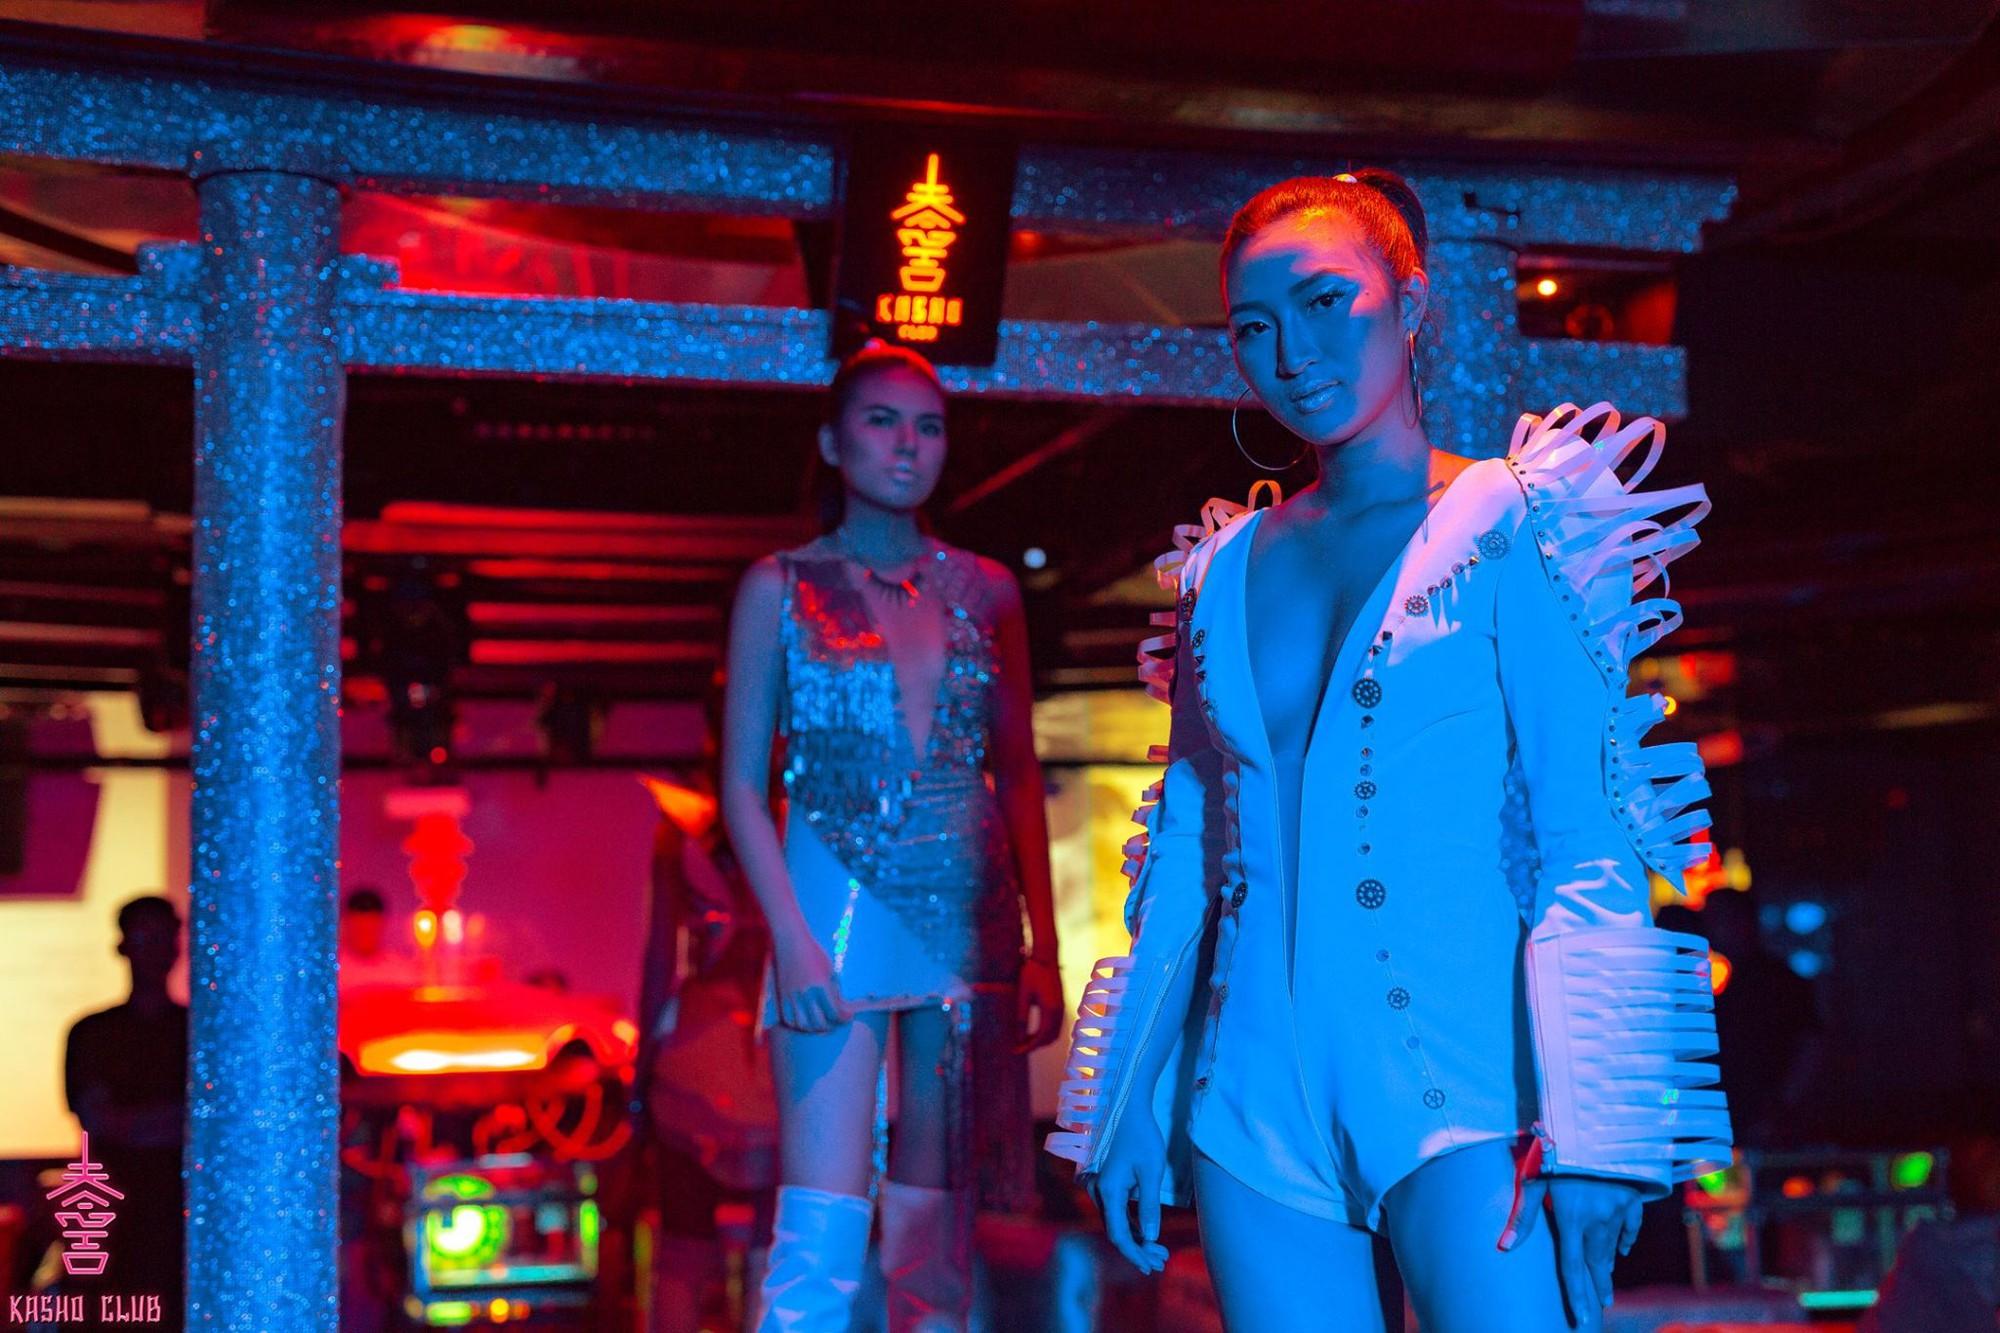 """Hồ Ngọc Hà, Tóc Tiên cùng dàn DJ """"khủng"""" đốt cháy sân khấu tại The Observatory Party - Ảnh 2."""